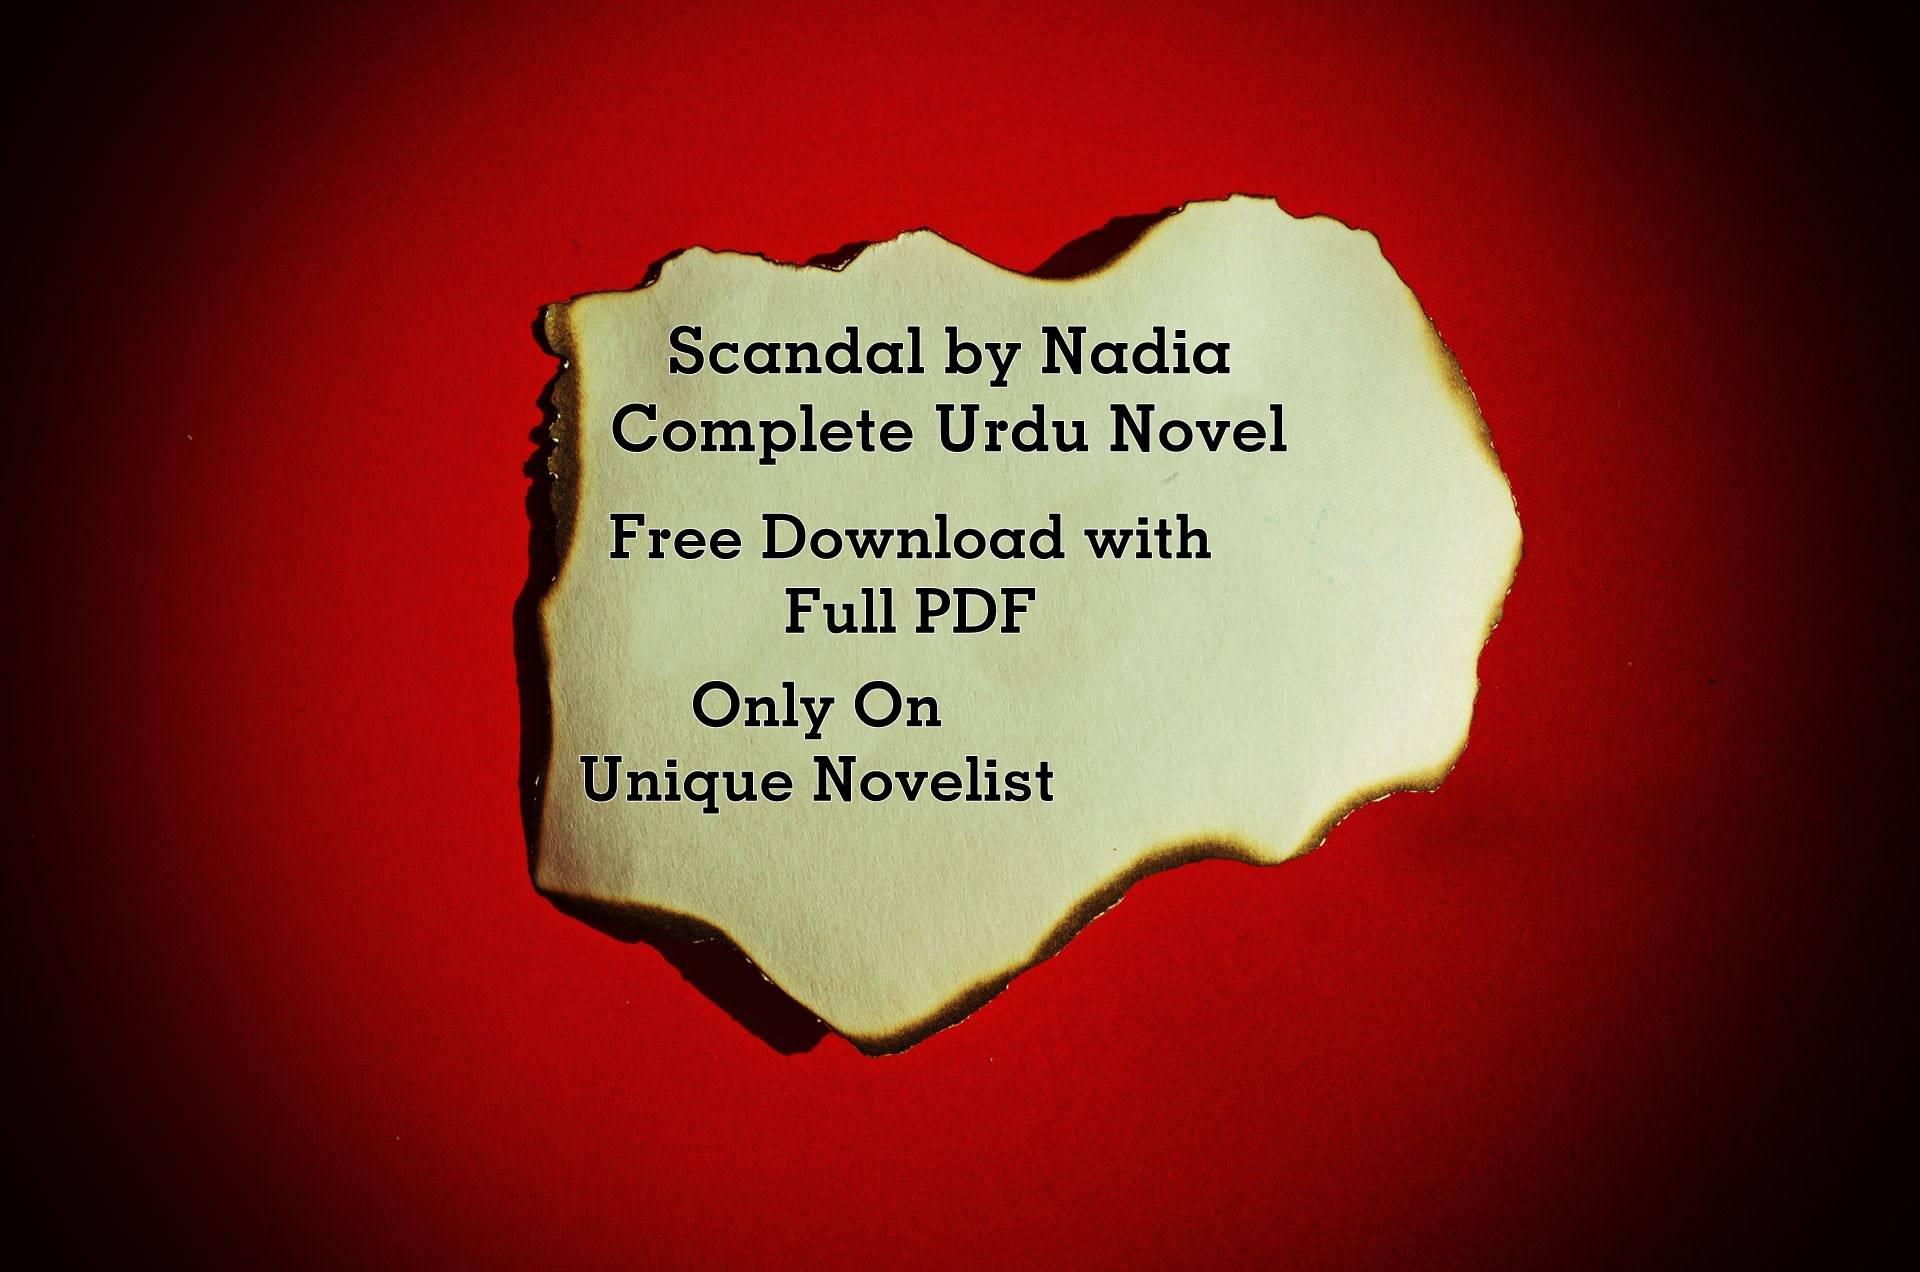 Scandal Complete Urdu Novel